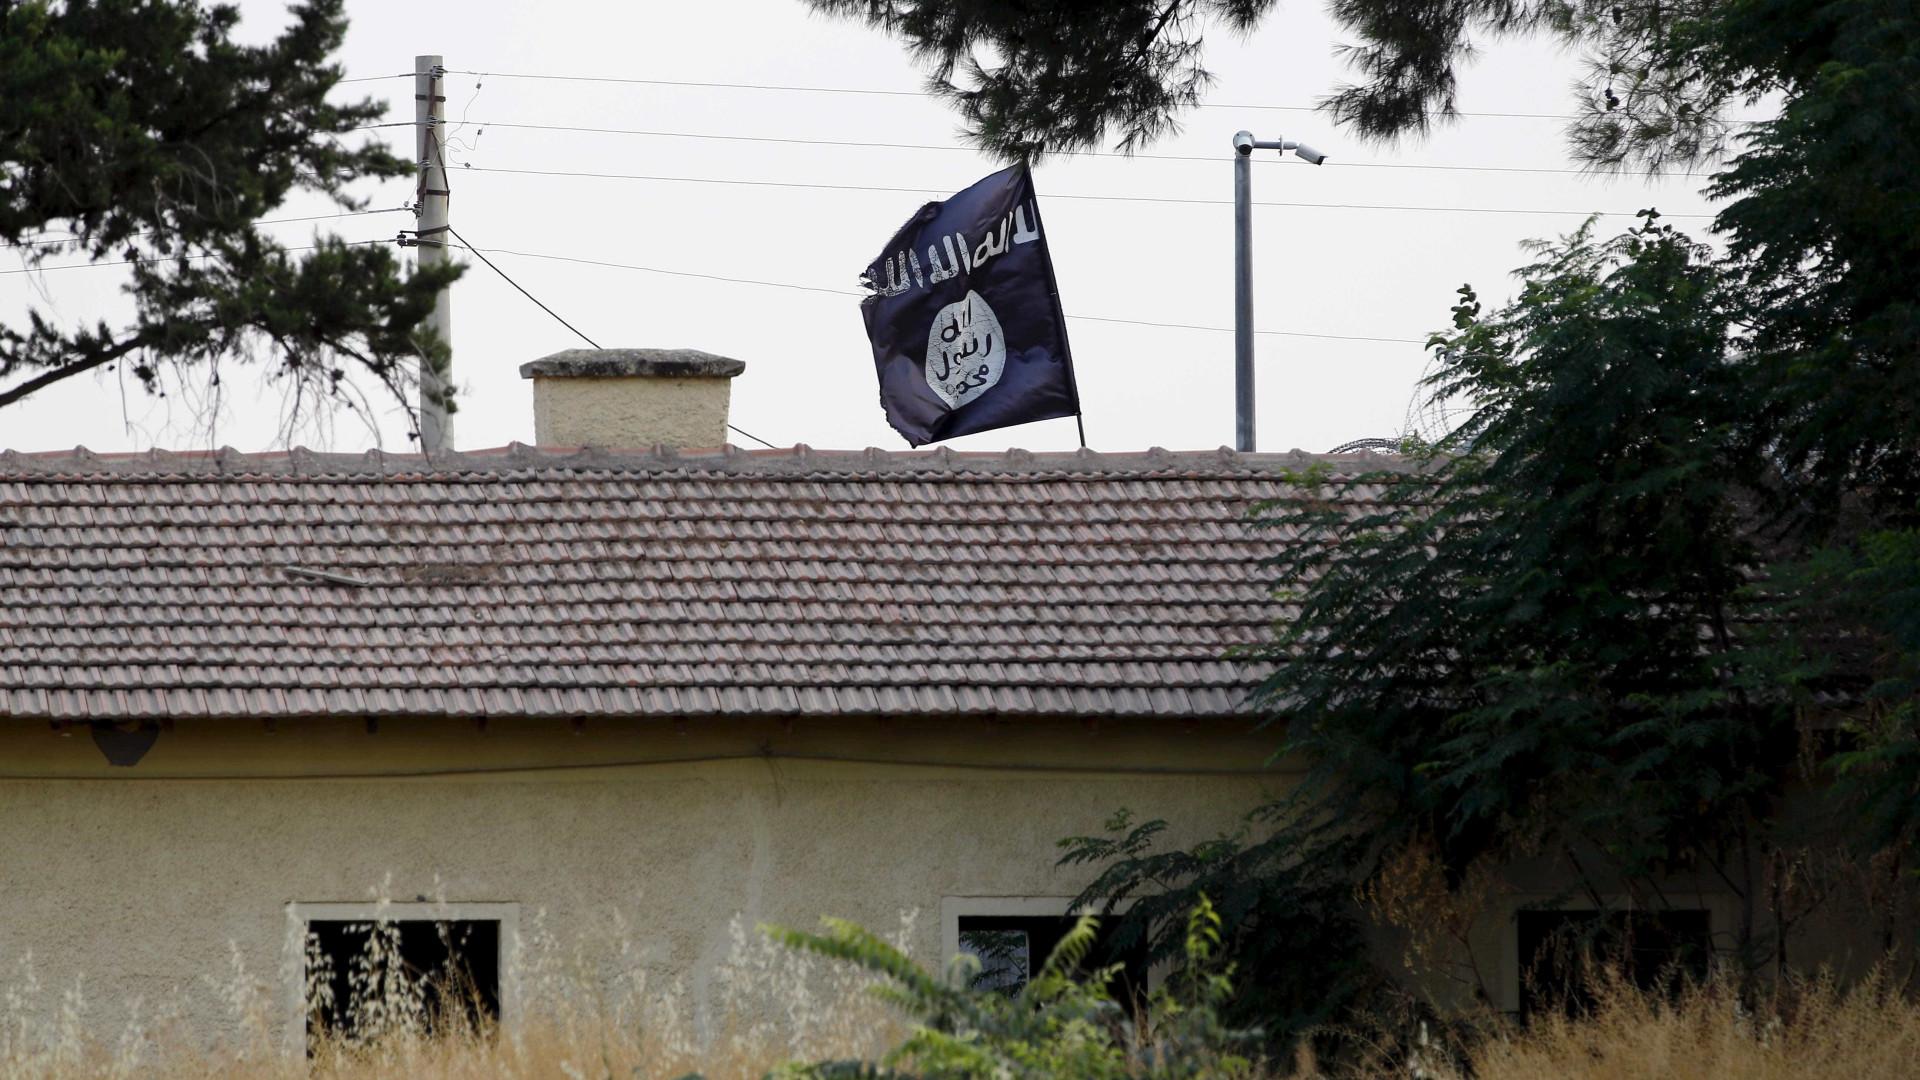 Estado Islâmico reivindica ataque que fez 14 mortos hoje na Líbia